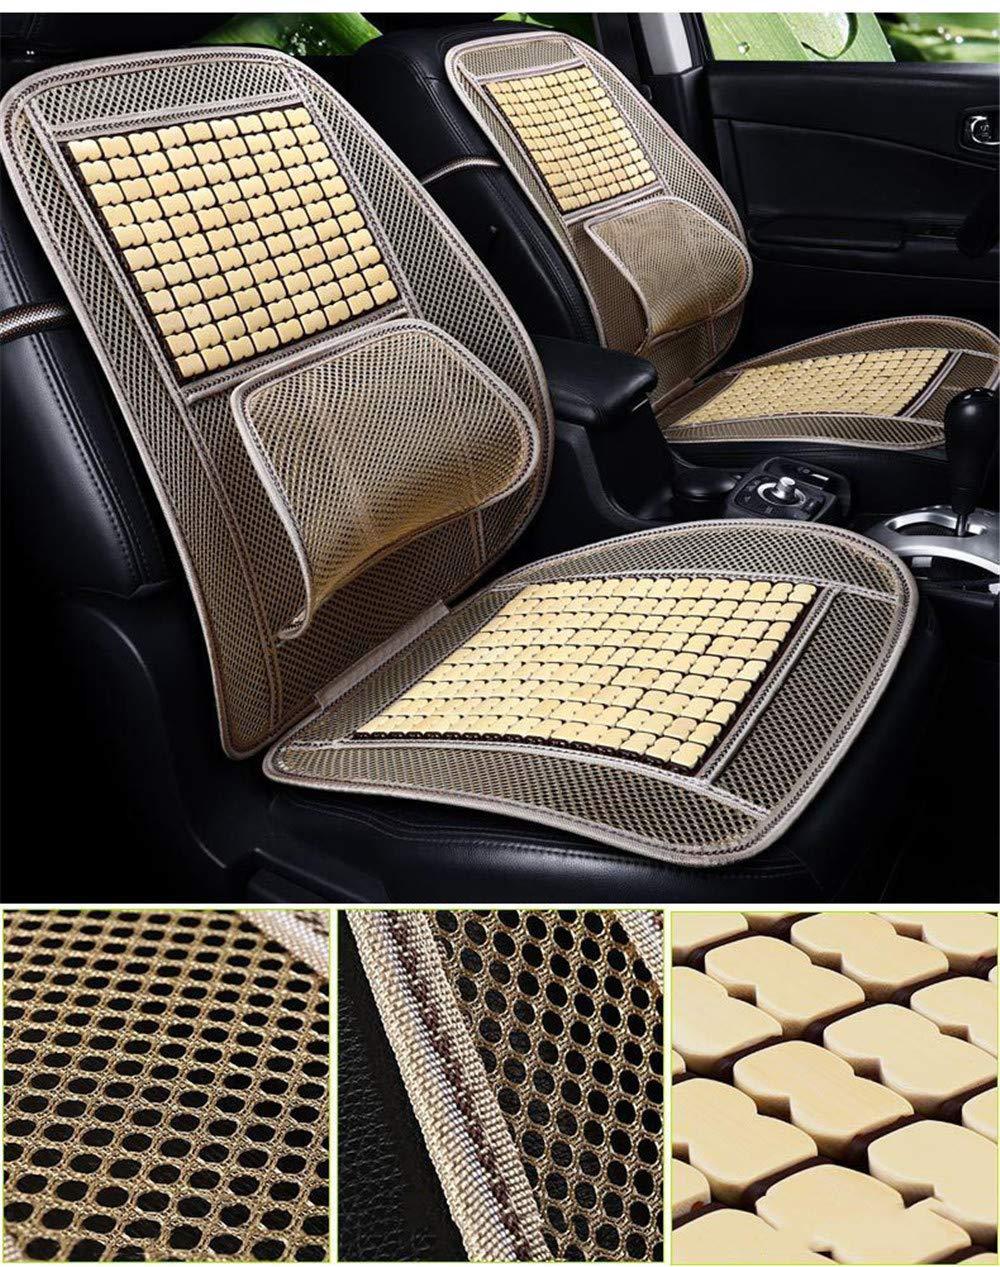 Holzperlen - Schwarzes Rot CULASIGN Universal Bambus Holz Autositz Sitzauflage Sommer Coole Kissen,Breathable Bel/üftung Bequeme Massage R/ückenst/ütze Lordosenst/ütze